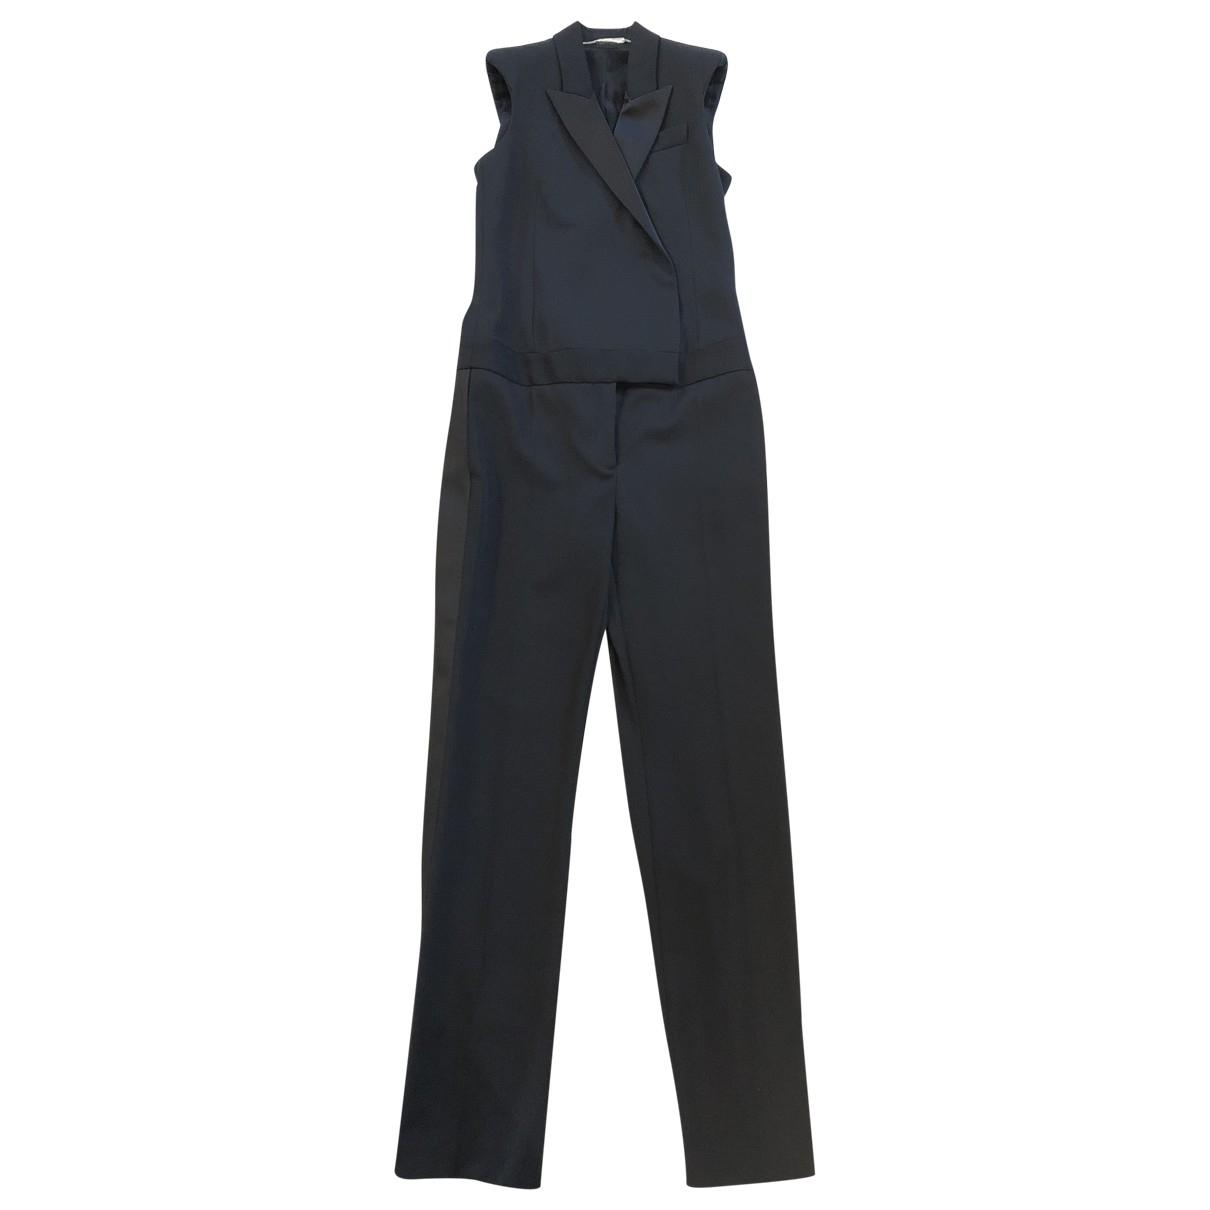 Alexander Mcqueen \N Black Wool jumpsuit for Women 40 IT